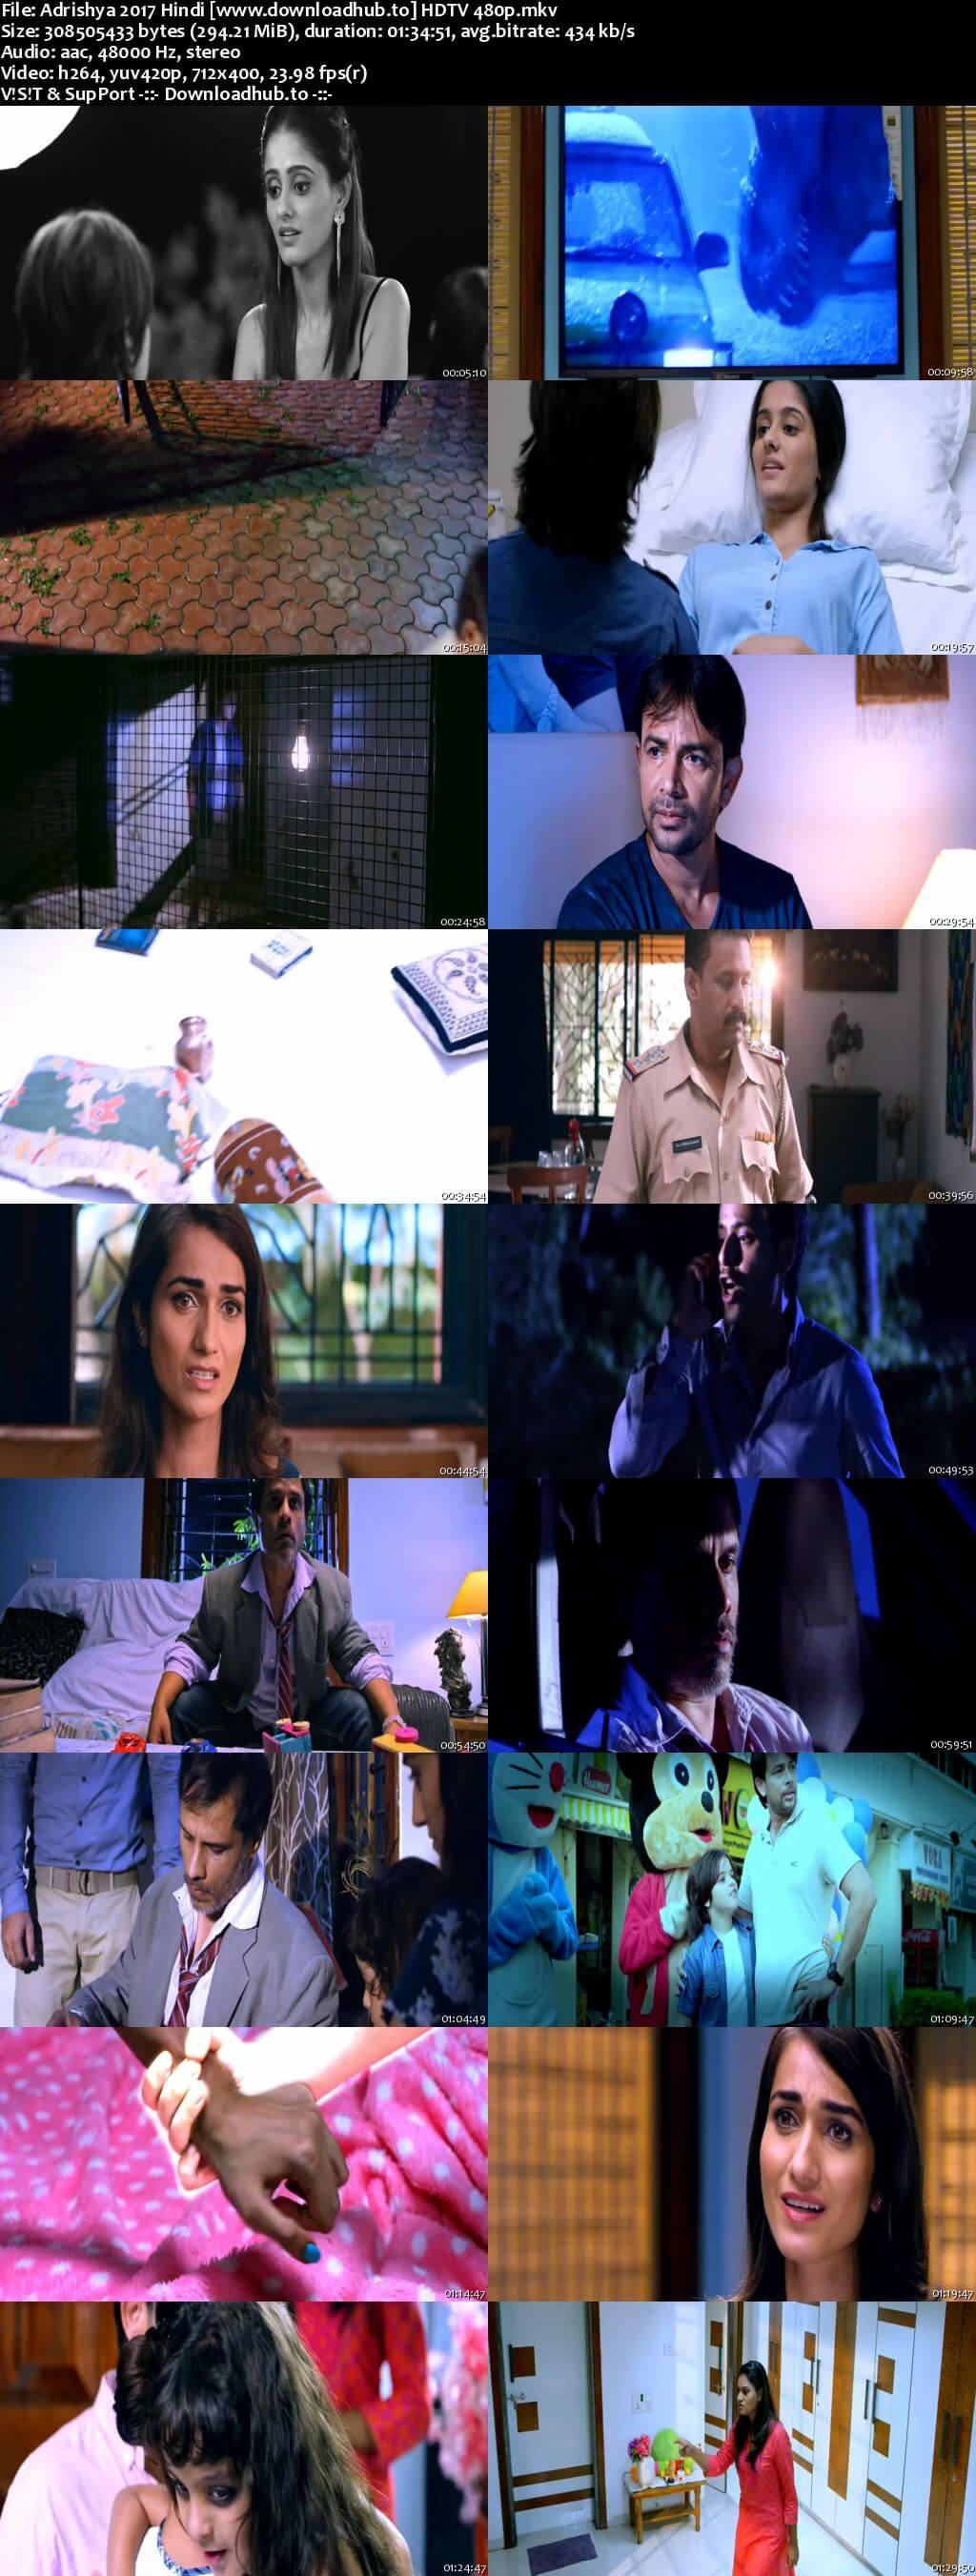 Adrishya 2017 Hindi 300MB HDTV 480p